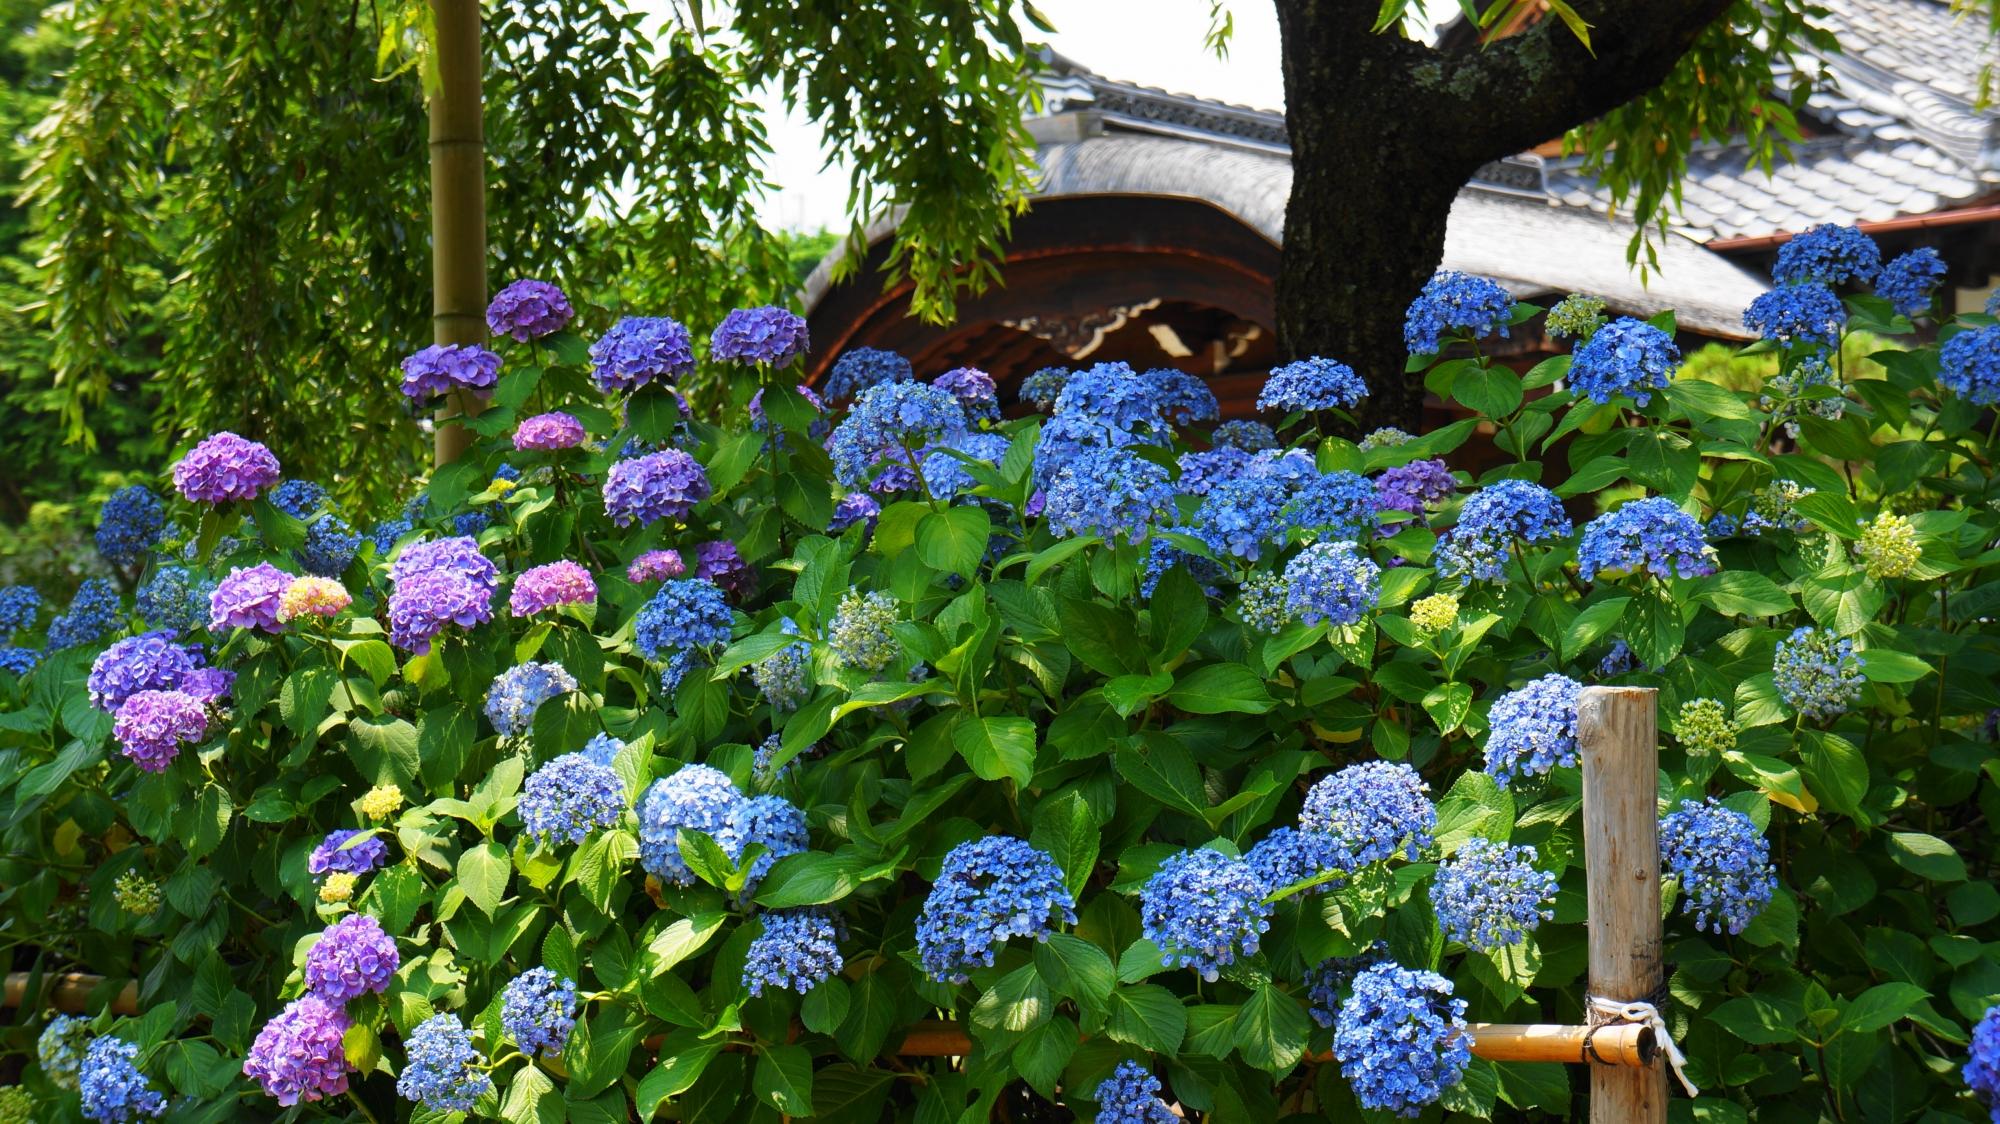 法金剛院の礼堂と庫裡大玄関前に咲くたくさんの紫陽花